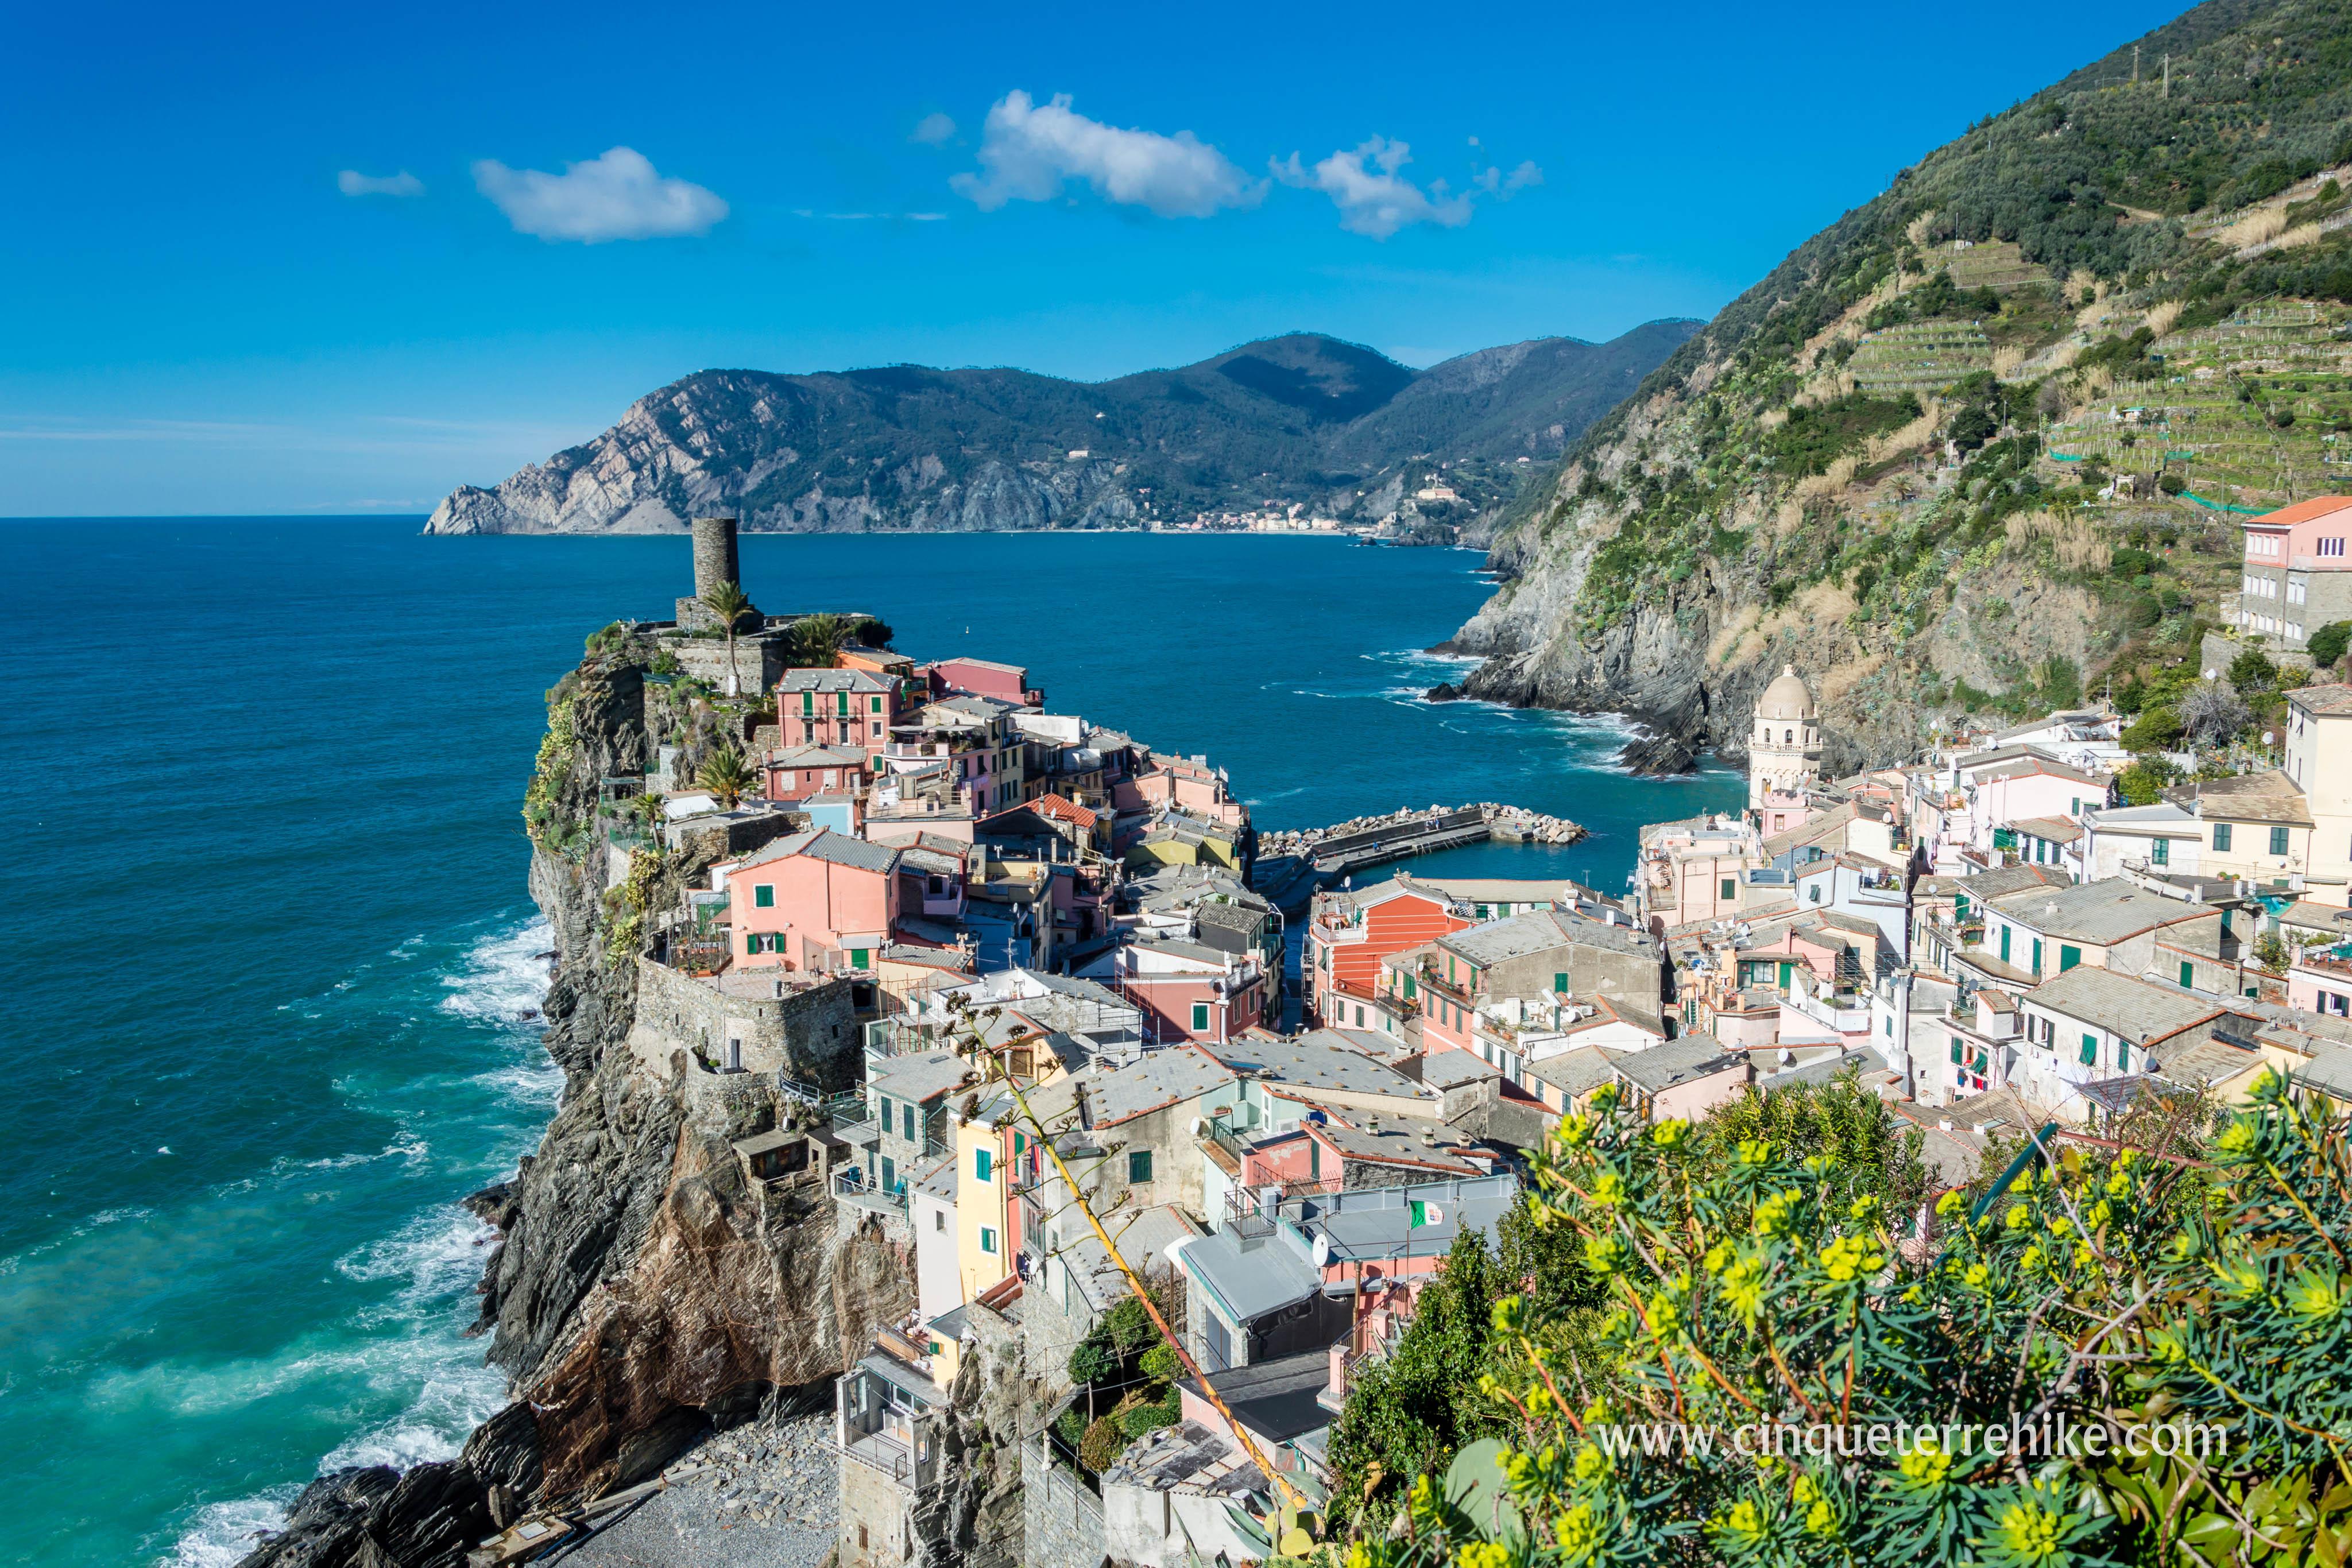 Cinque Terre, Five lands, Italian Riviera, Italy, top travel, best destination for vacation, vacation, beach, sea, fishing village, city, village, Monterosso, Vernazza, Corniglia, Manarola, Riomaggiore, mountain